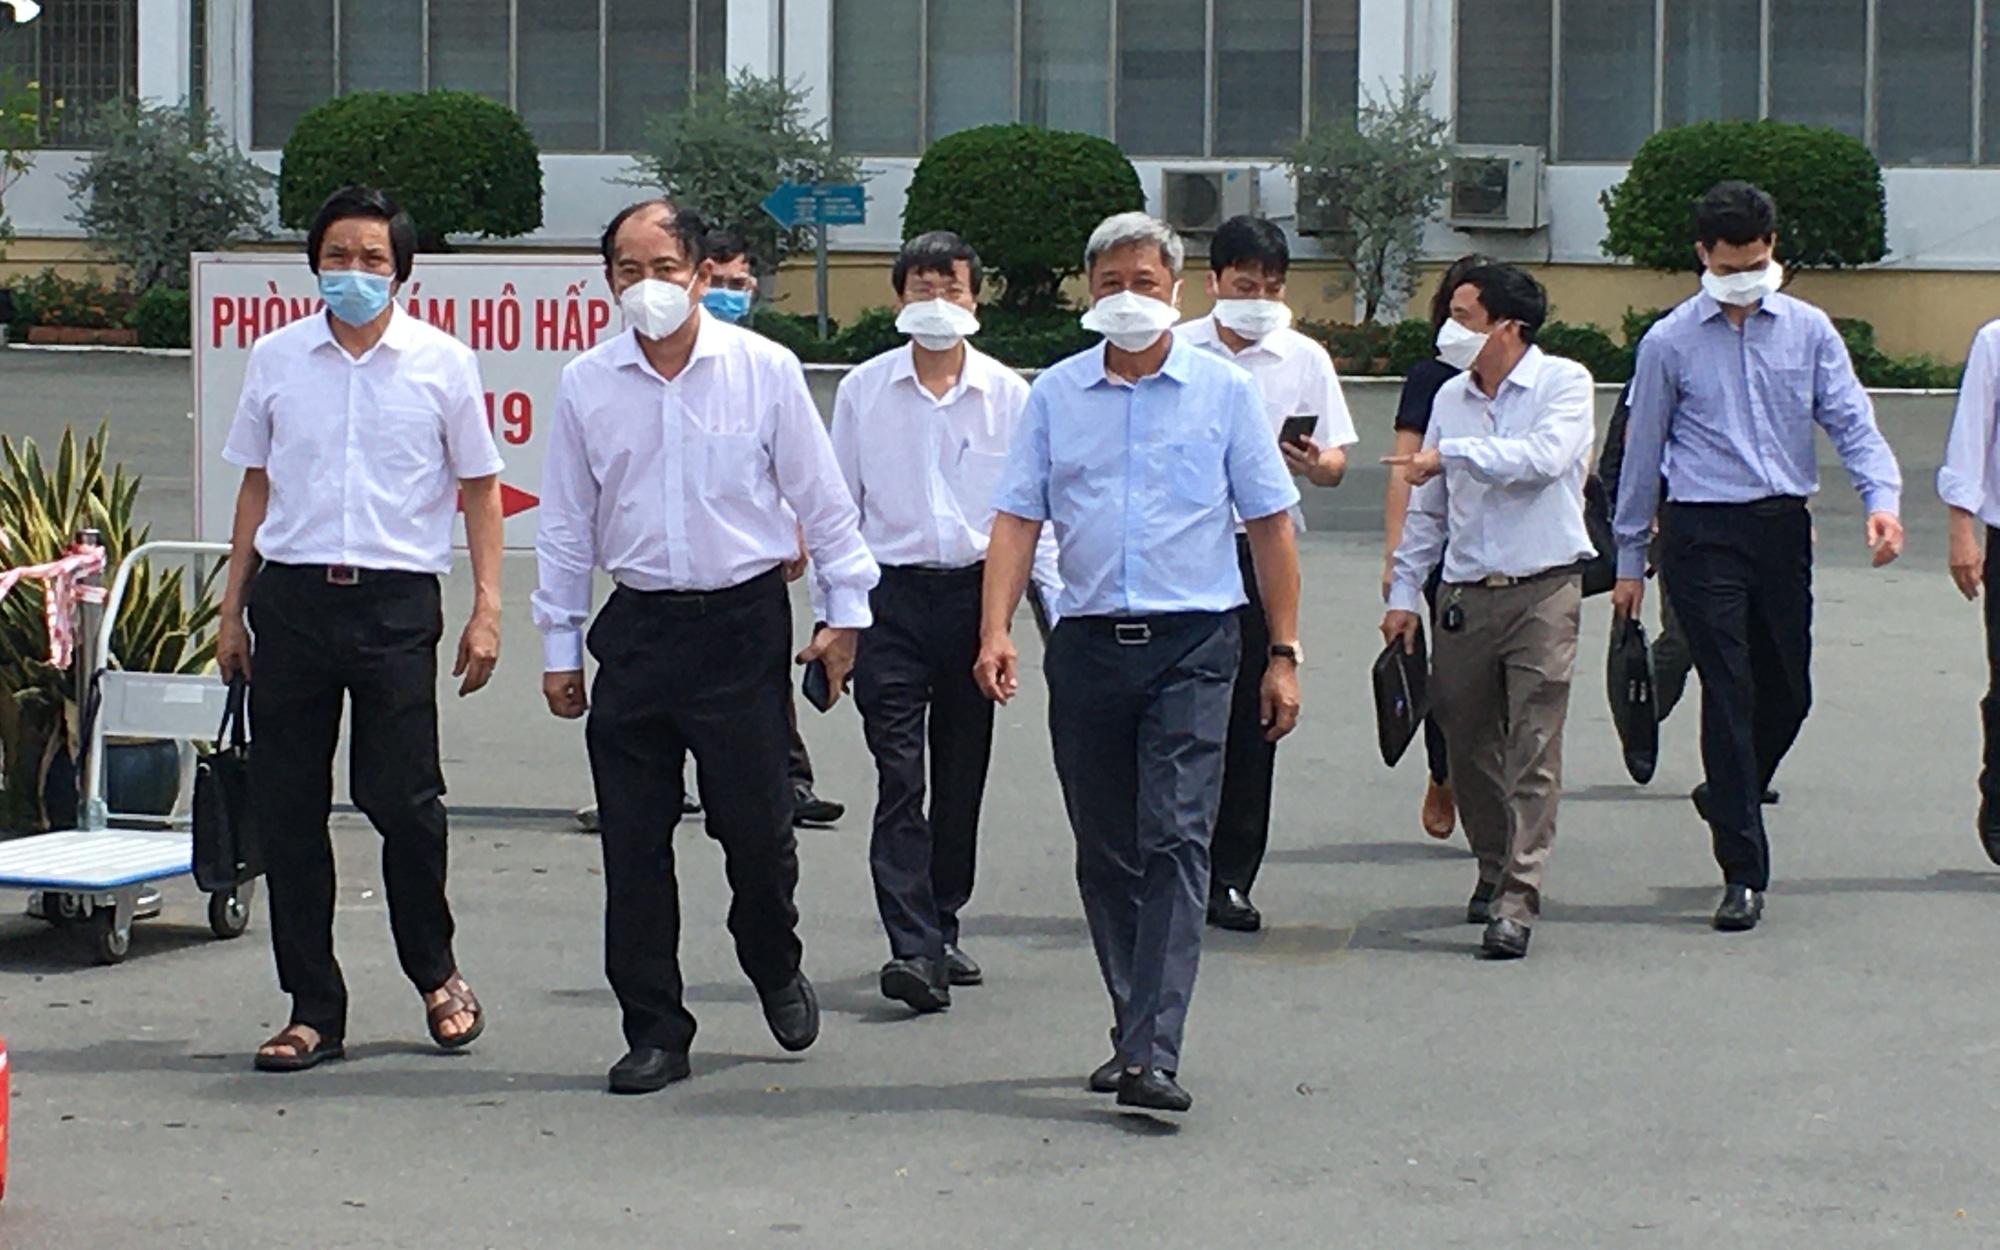 Thứ trưởng Bộ Y tế Nguyễn Trường Sơn kêu gọi y tế tư nhân, bác sĩ nghỉ hưu tham gia chống dịch